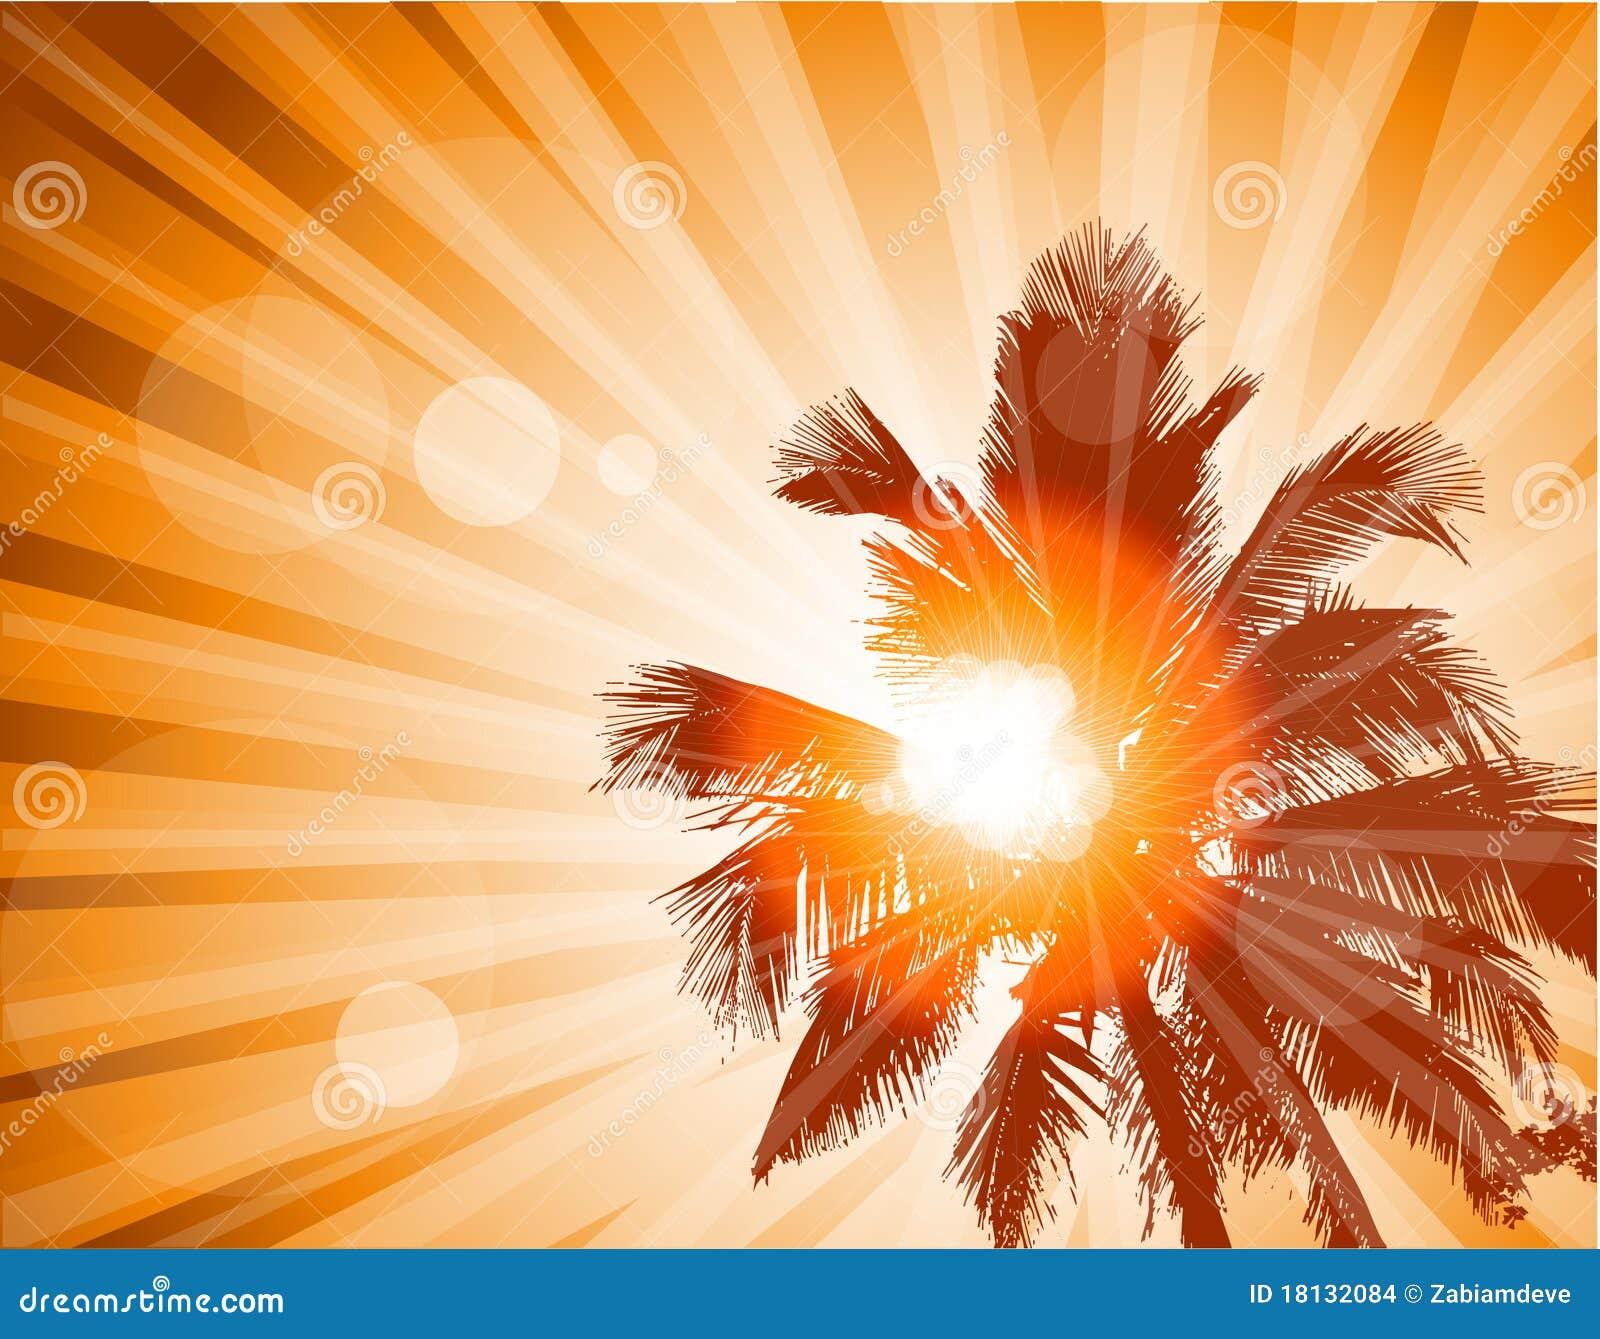 Drzewka palmowe